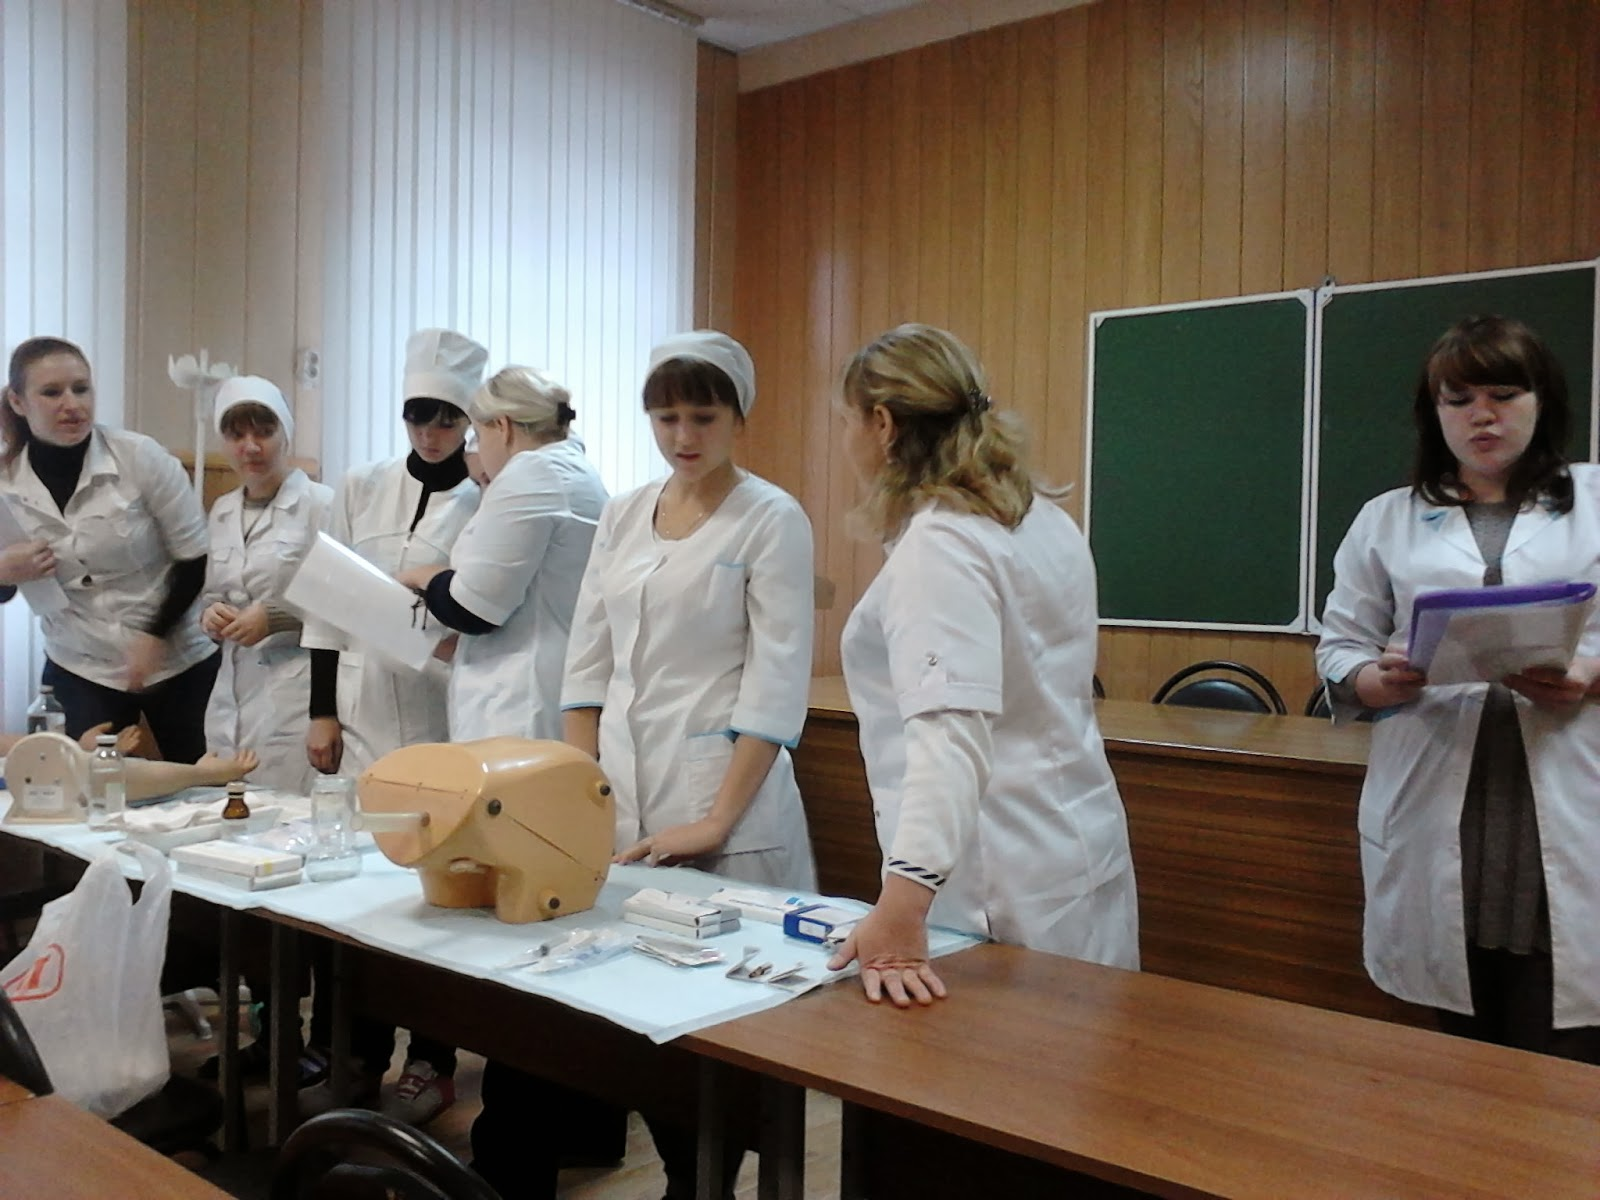 работа процедурной медсестры на повышение квалификации каком